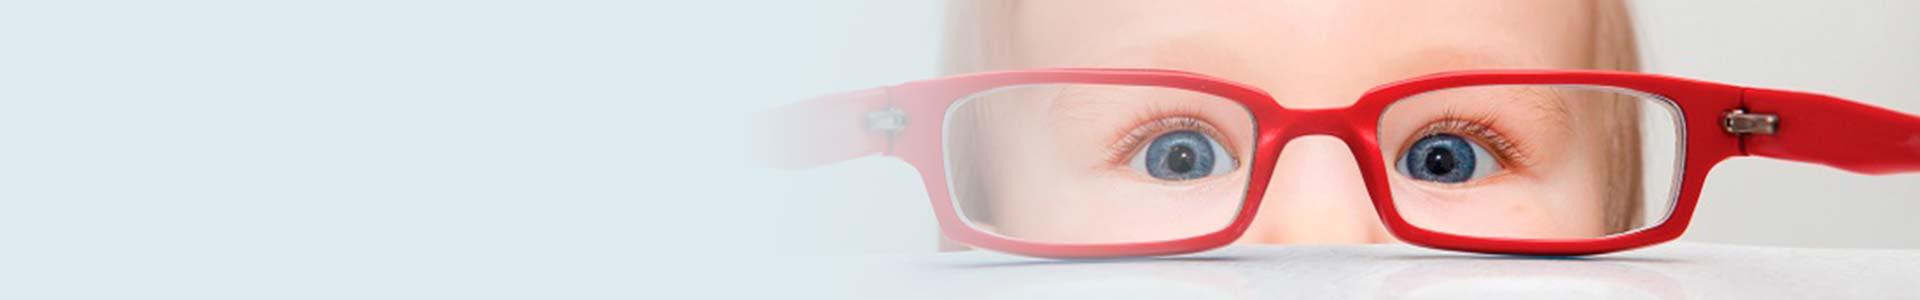 gafas graduadas para bebés y niños pequeños